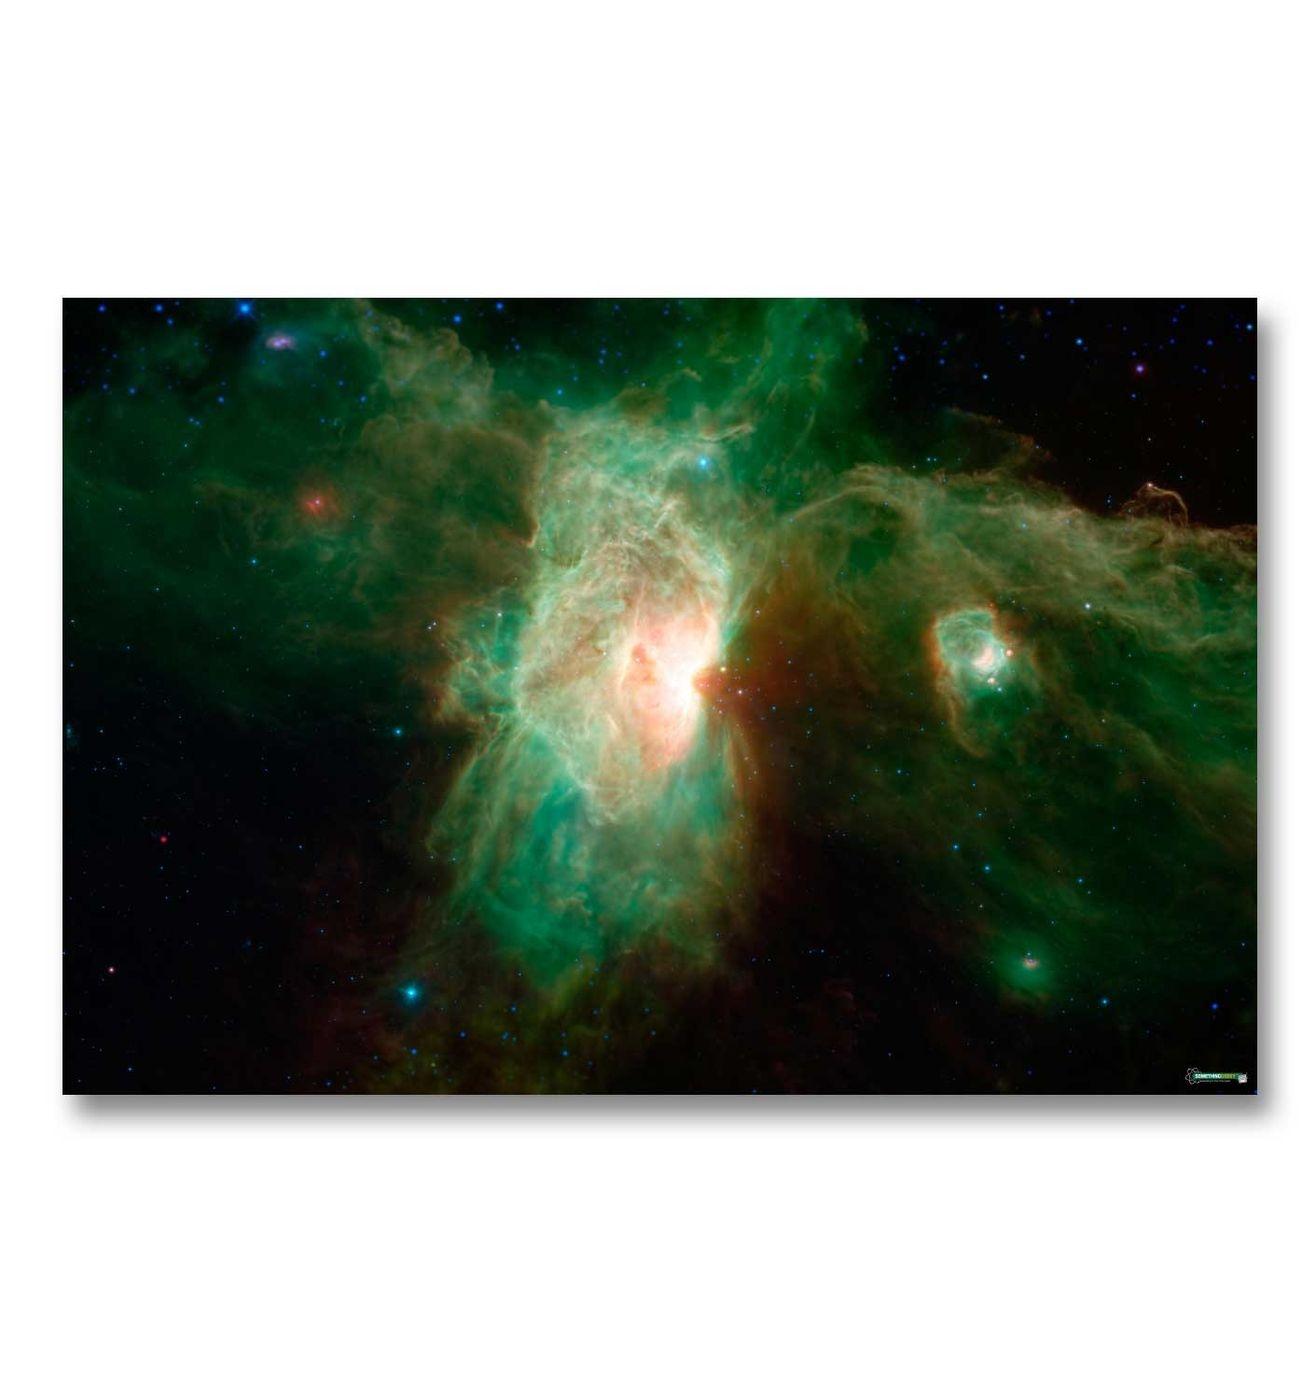 Green Nebula gaming mat - stunning hardwearing hi res space battle mat